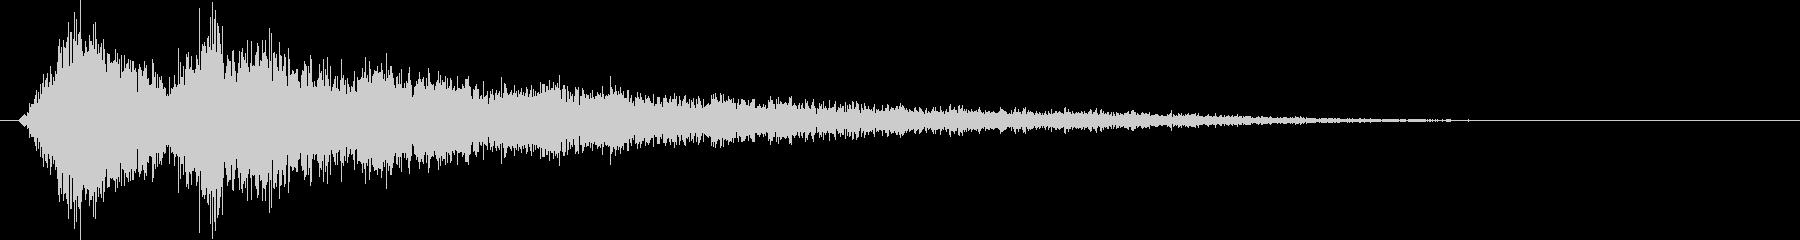 ピュンピュンピュン… (自機爆破)の未再生の波形